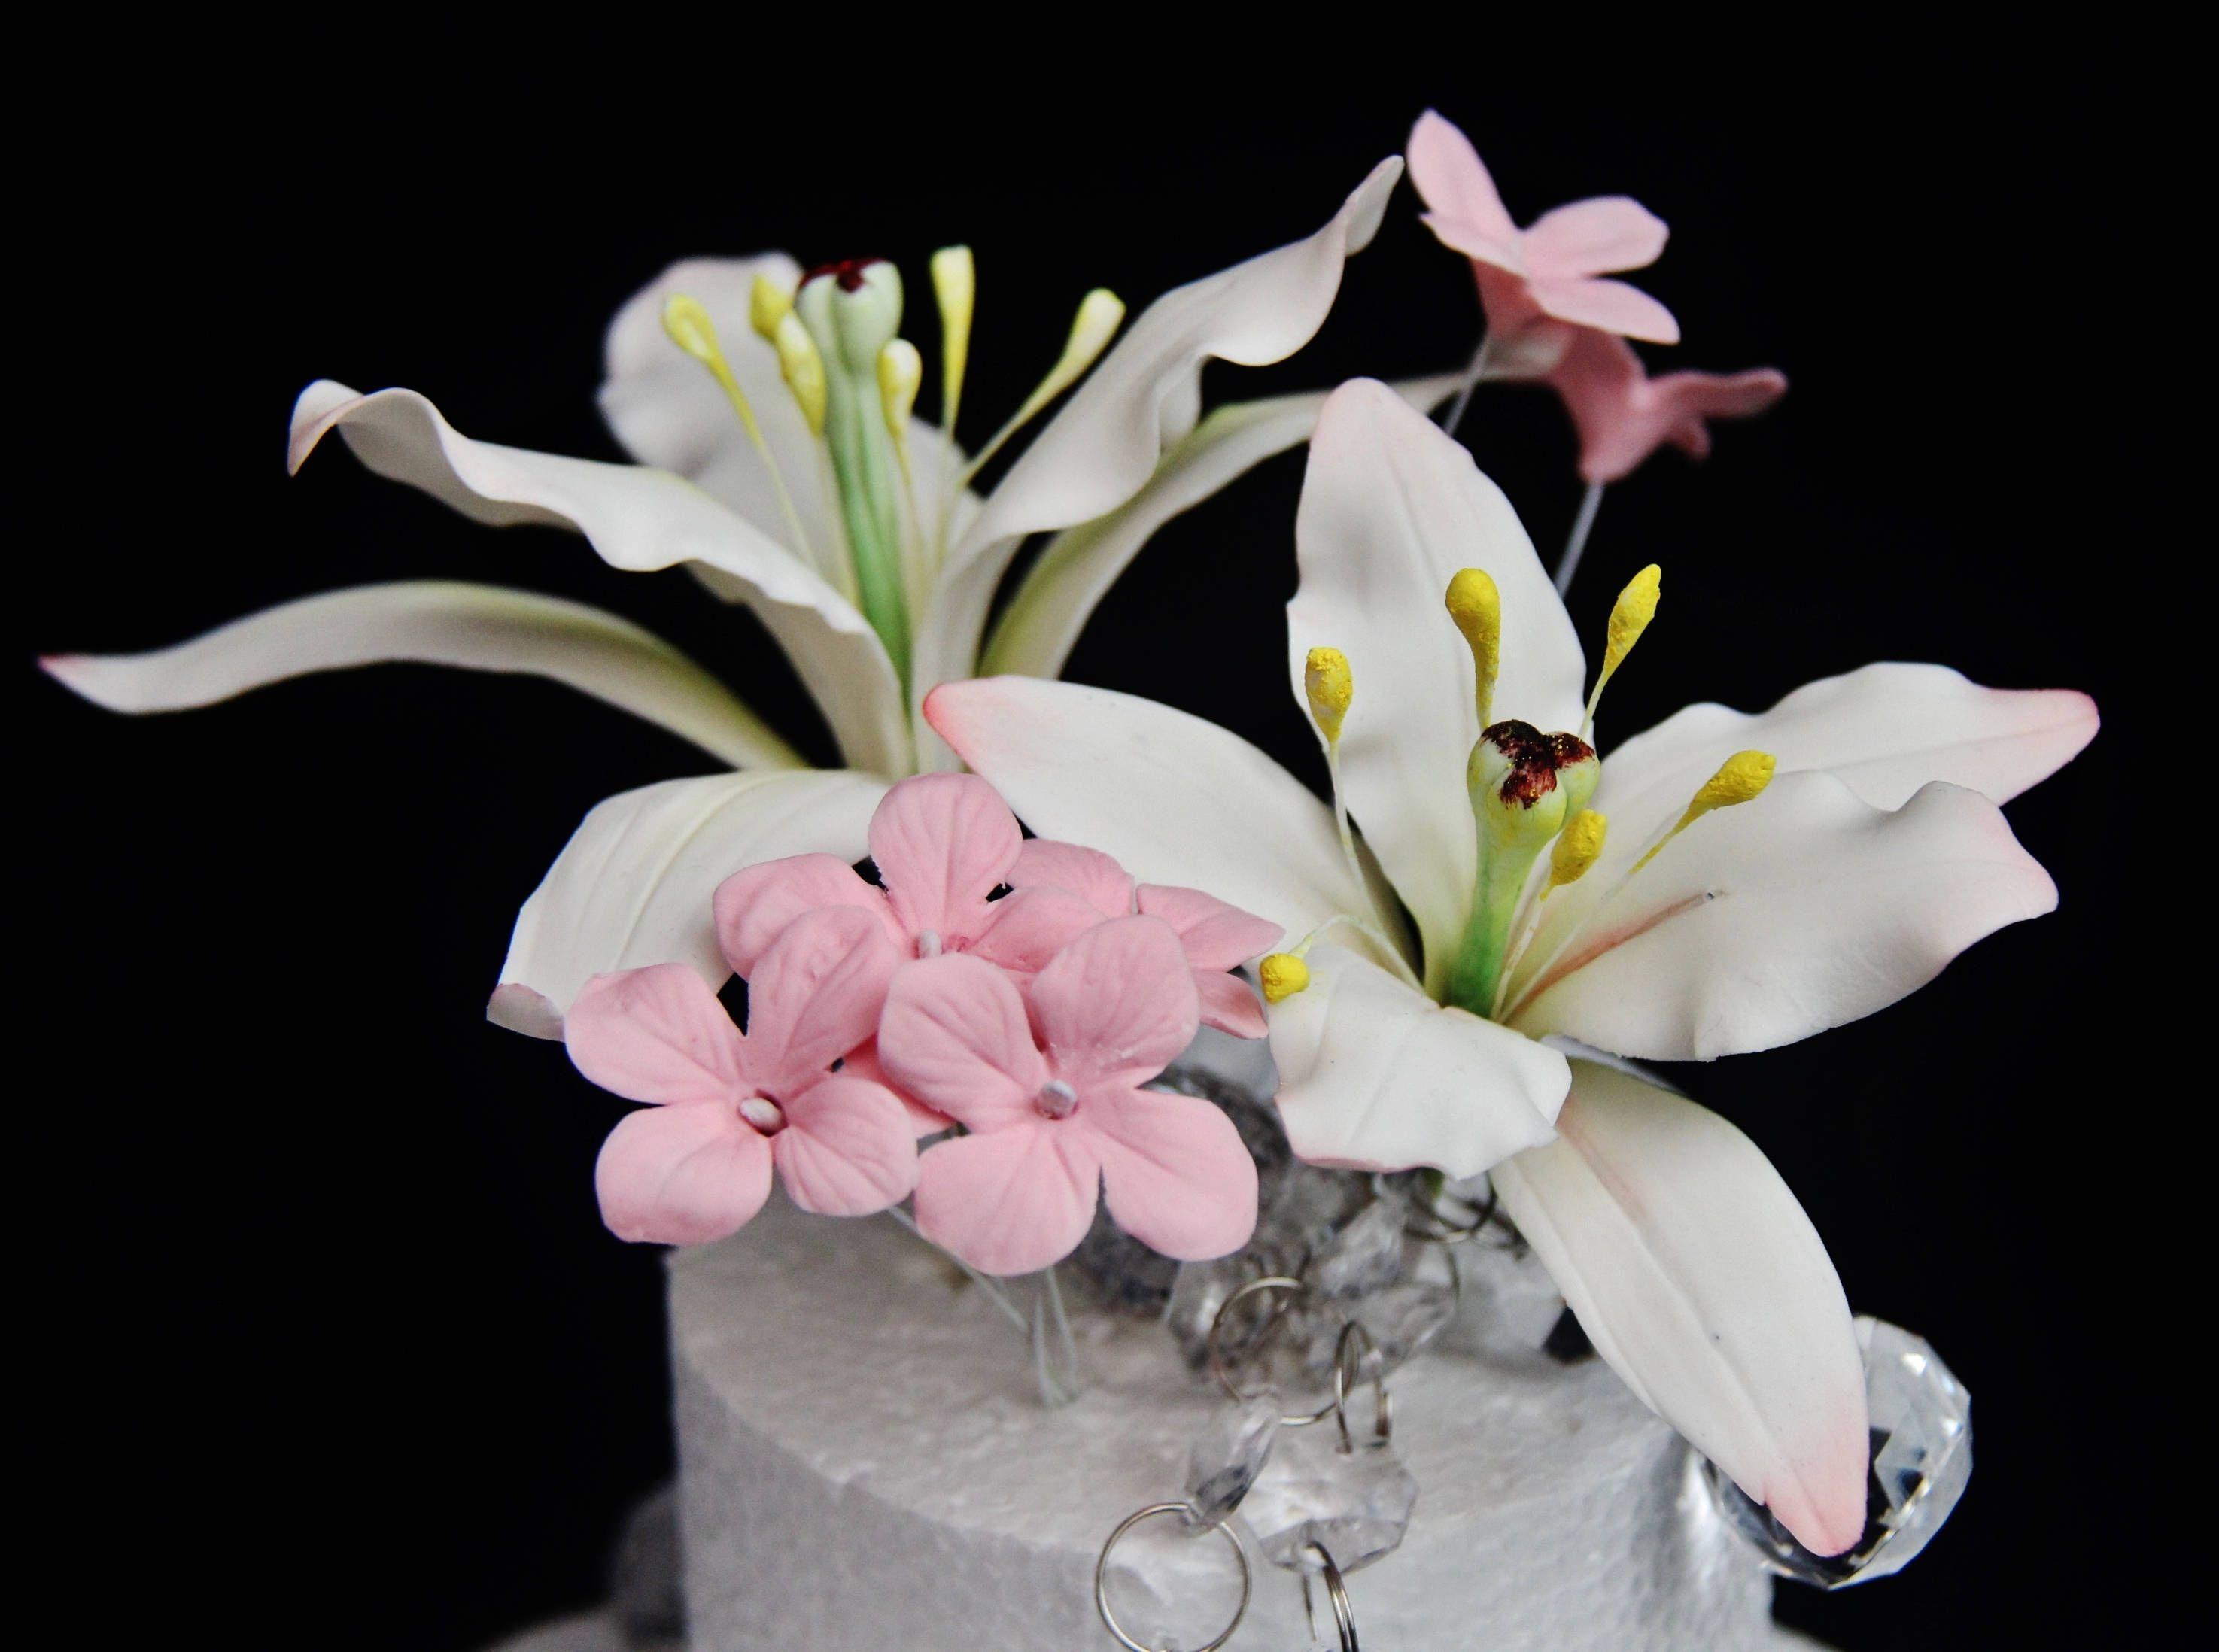 Large Gumpaste Lily Flower For Wedding Cake Decoration Filler